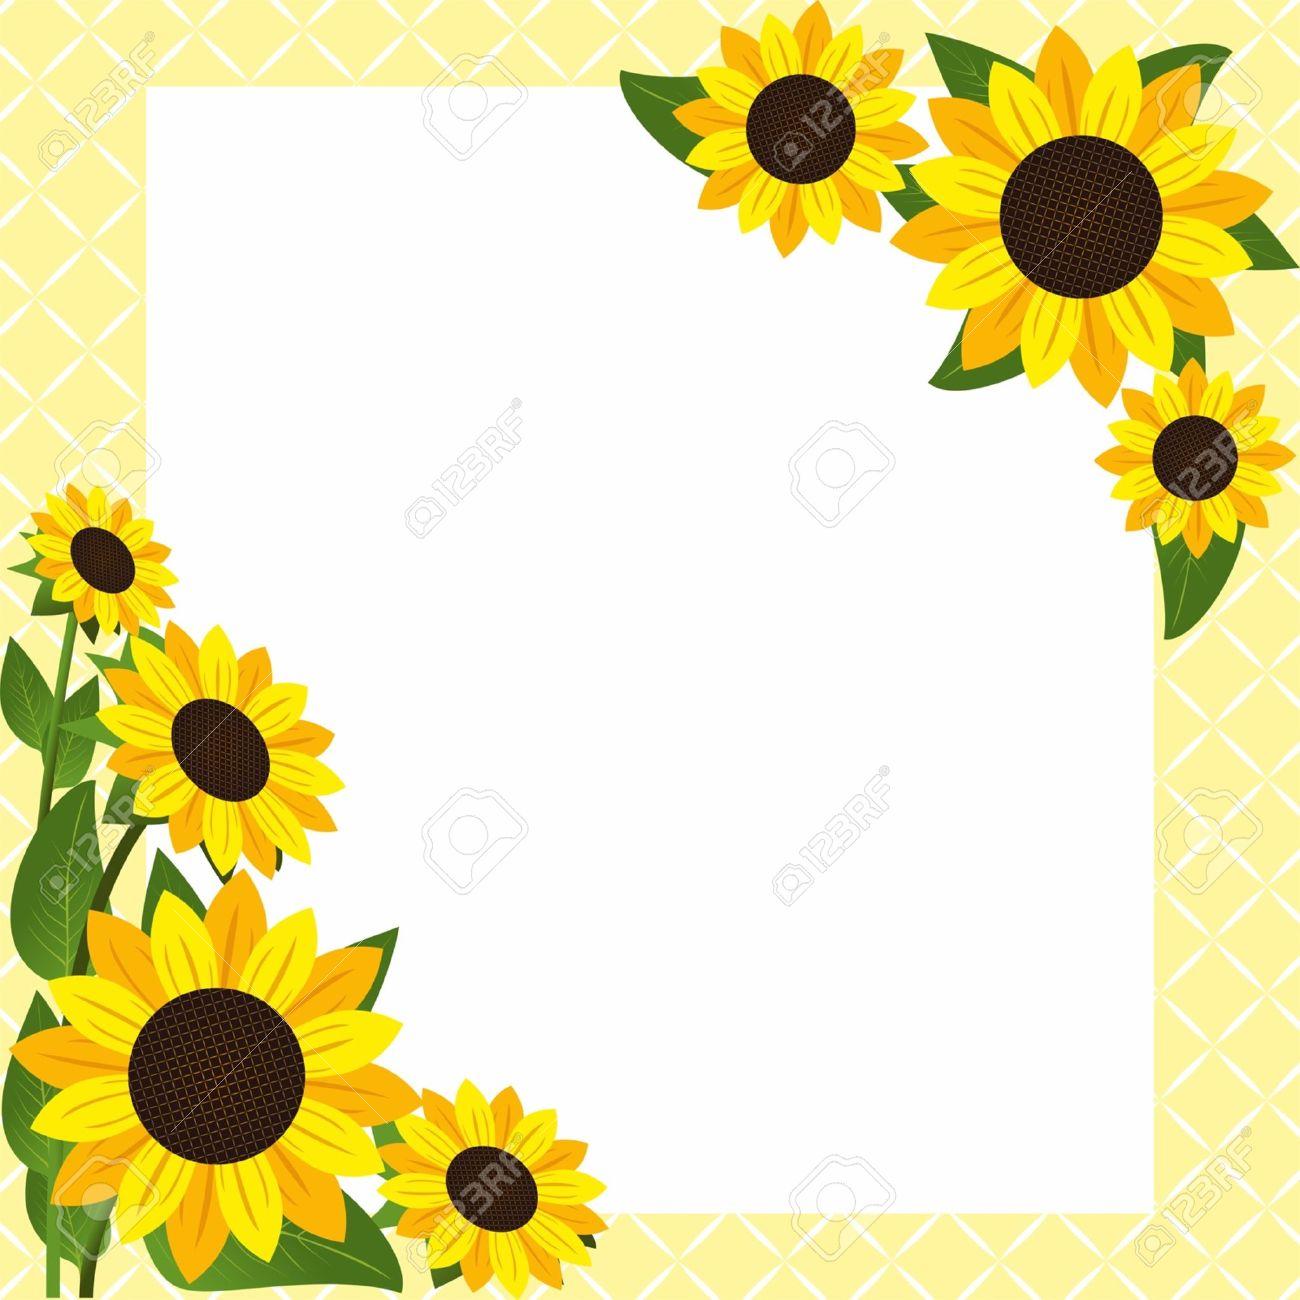 ひまわりで花のフレーム ロイヤリティフリークリップアート、ベクター